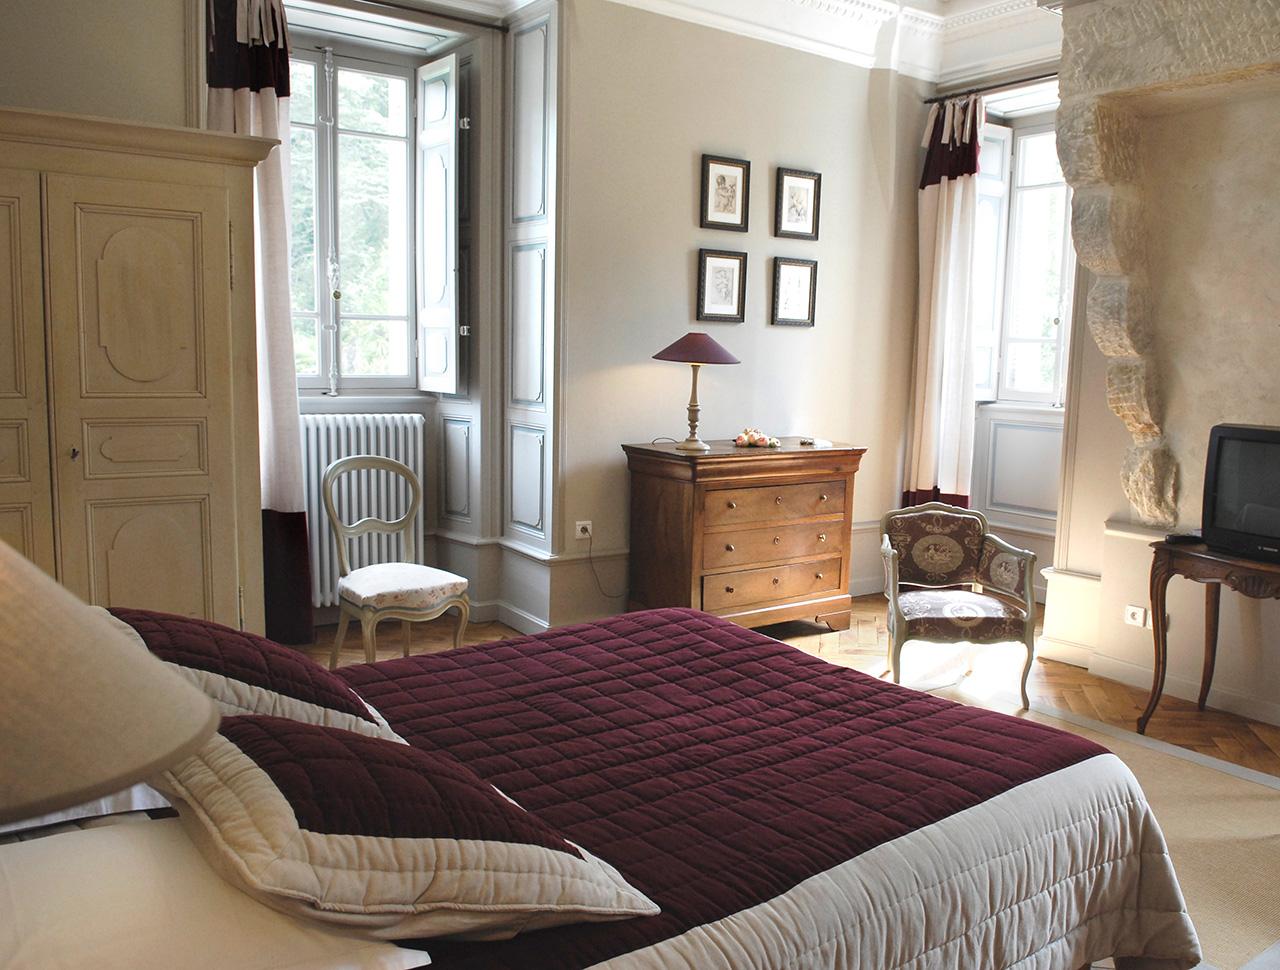 Chambre d 39 h tes chateau cl ment la chambre clovis 25 m2 for Chambre d hotes luxe